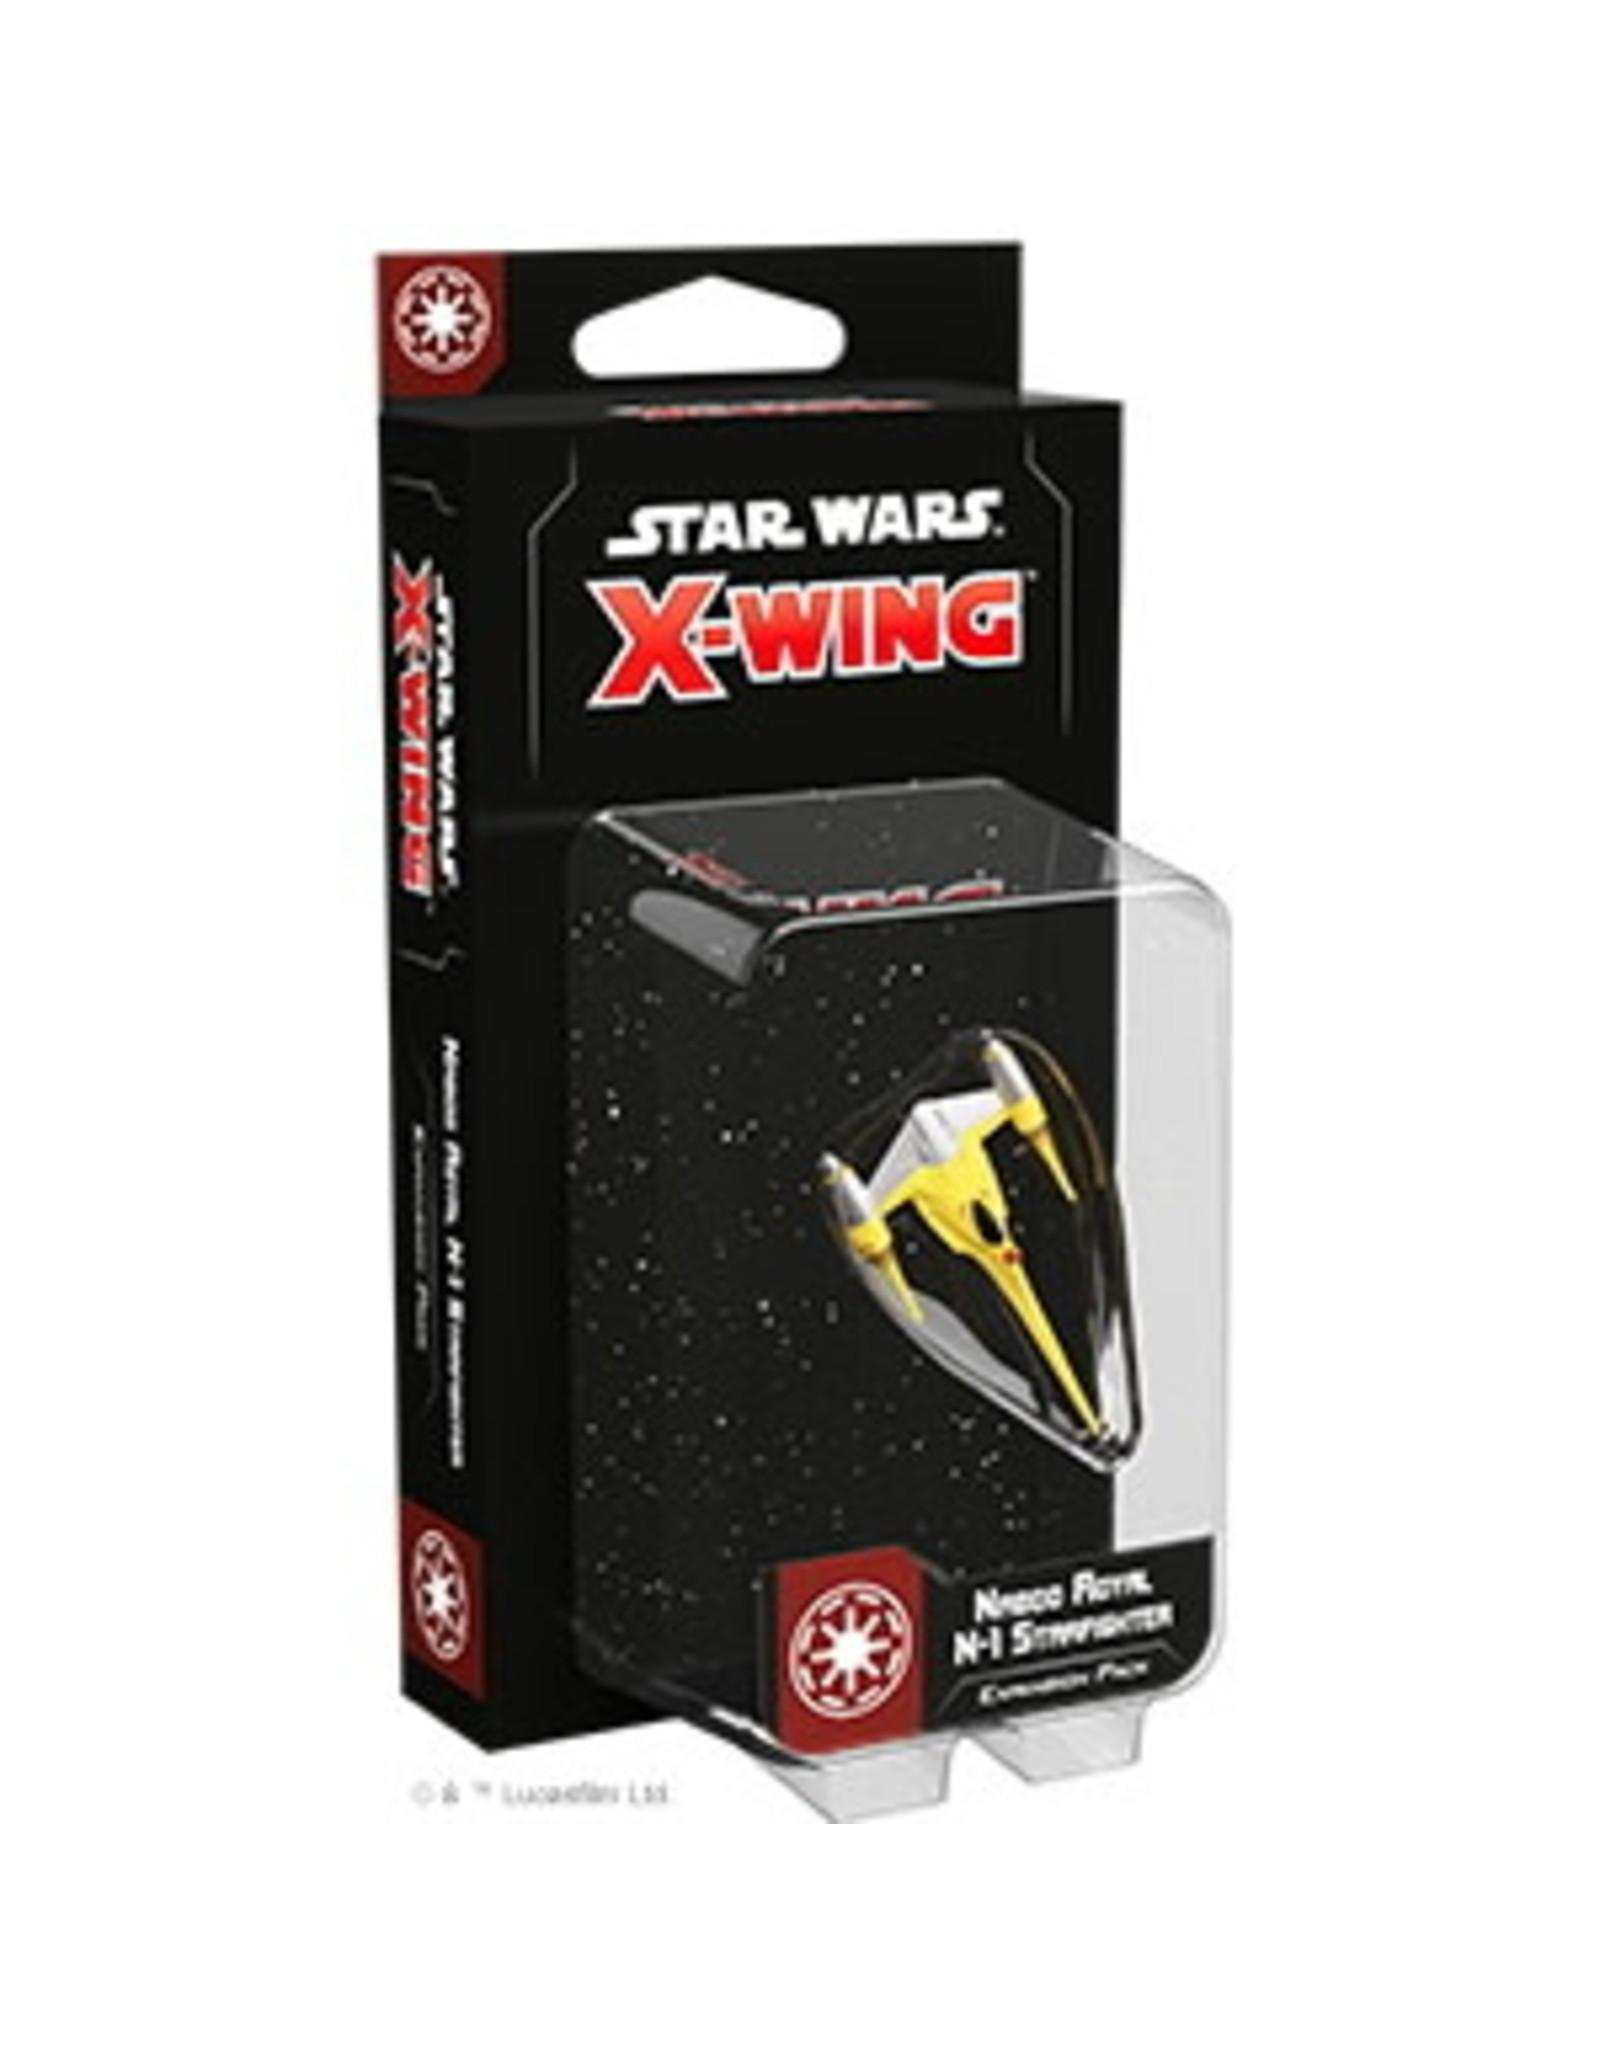 Fantasy Flight Star Wars X-Wing: Naboo Royal N-1 Starfighter